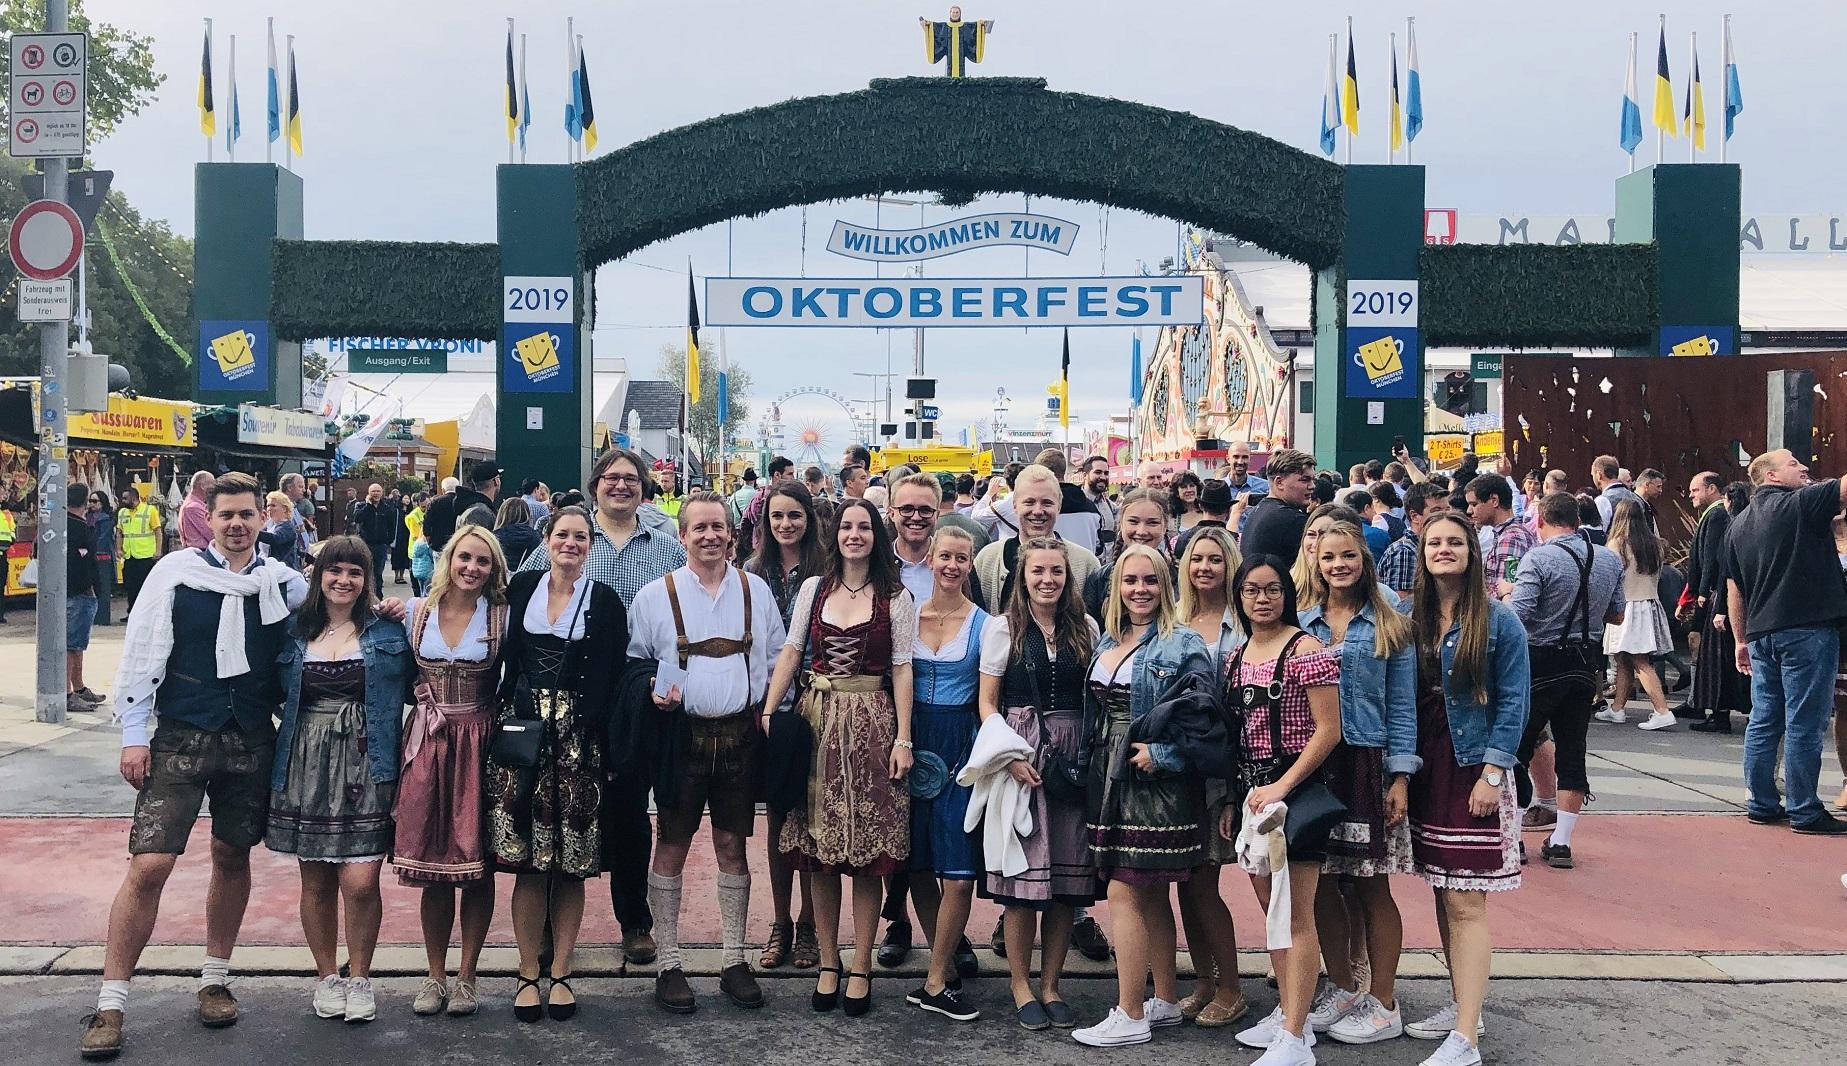 Oktoberfest_Team_2019.jpg